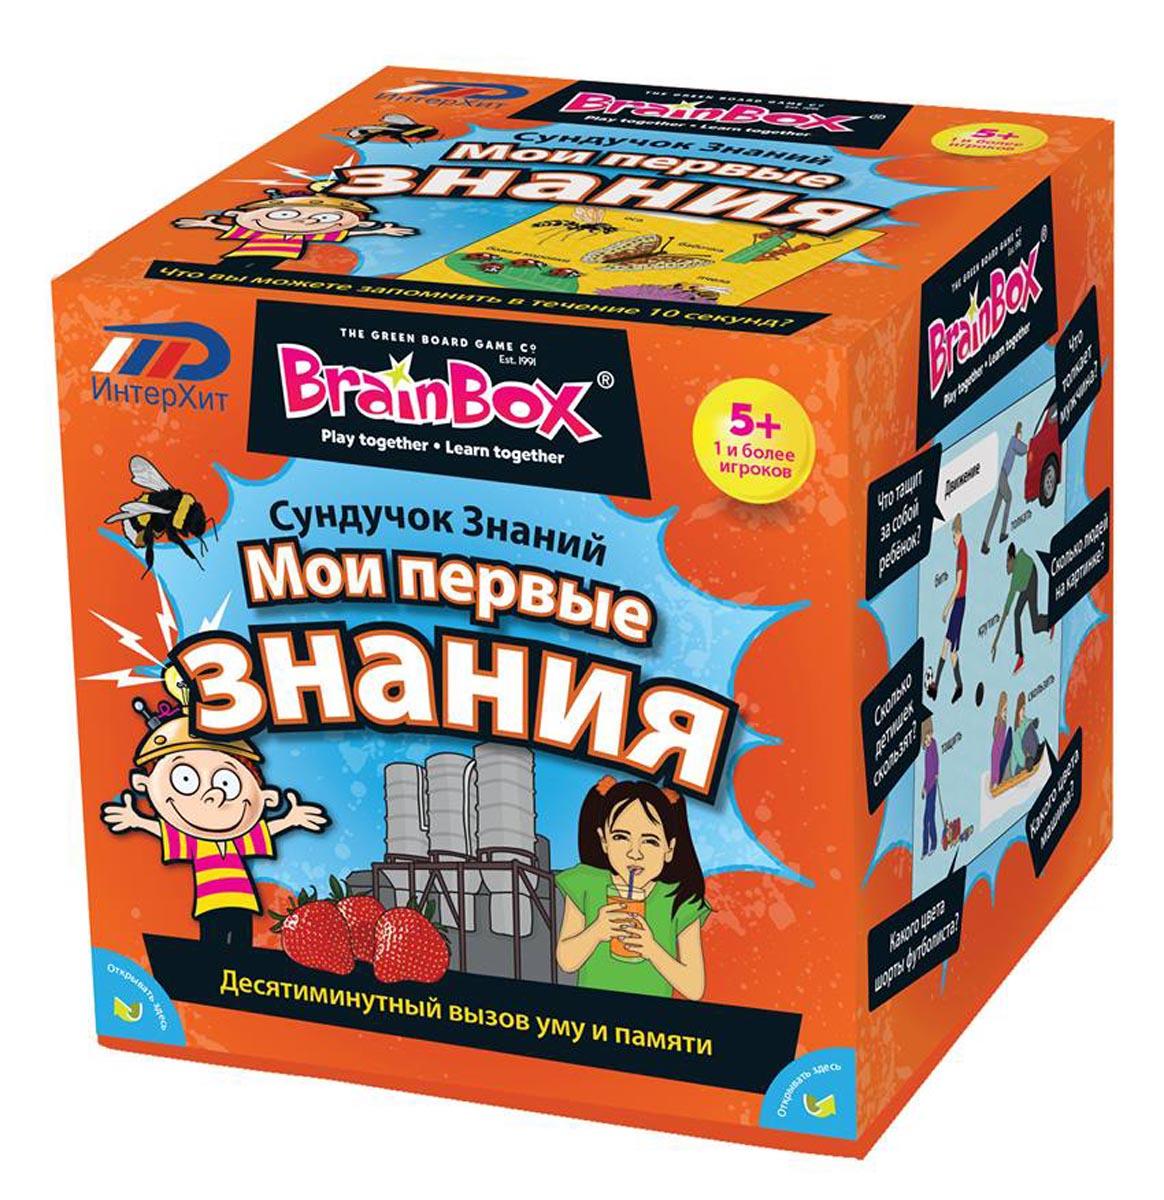 ИнтерХит Настольная игра Сундучок Знаний Мои первые знания brainbox brainbox игра сундучок знаний россия